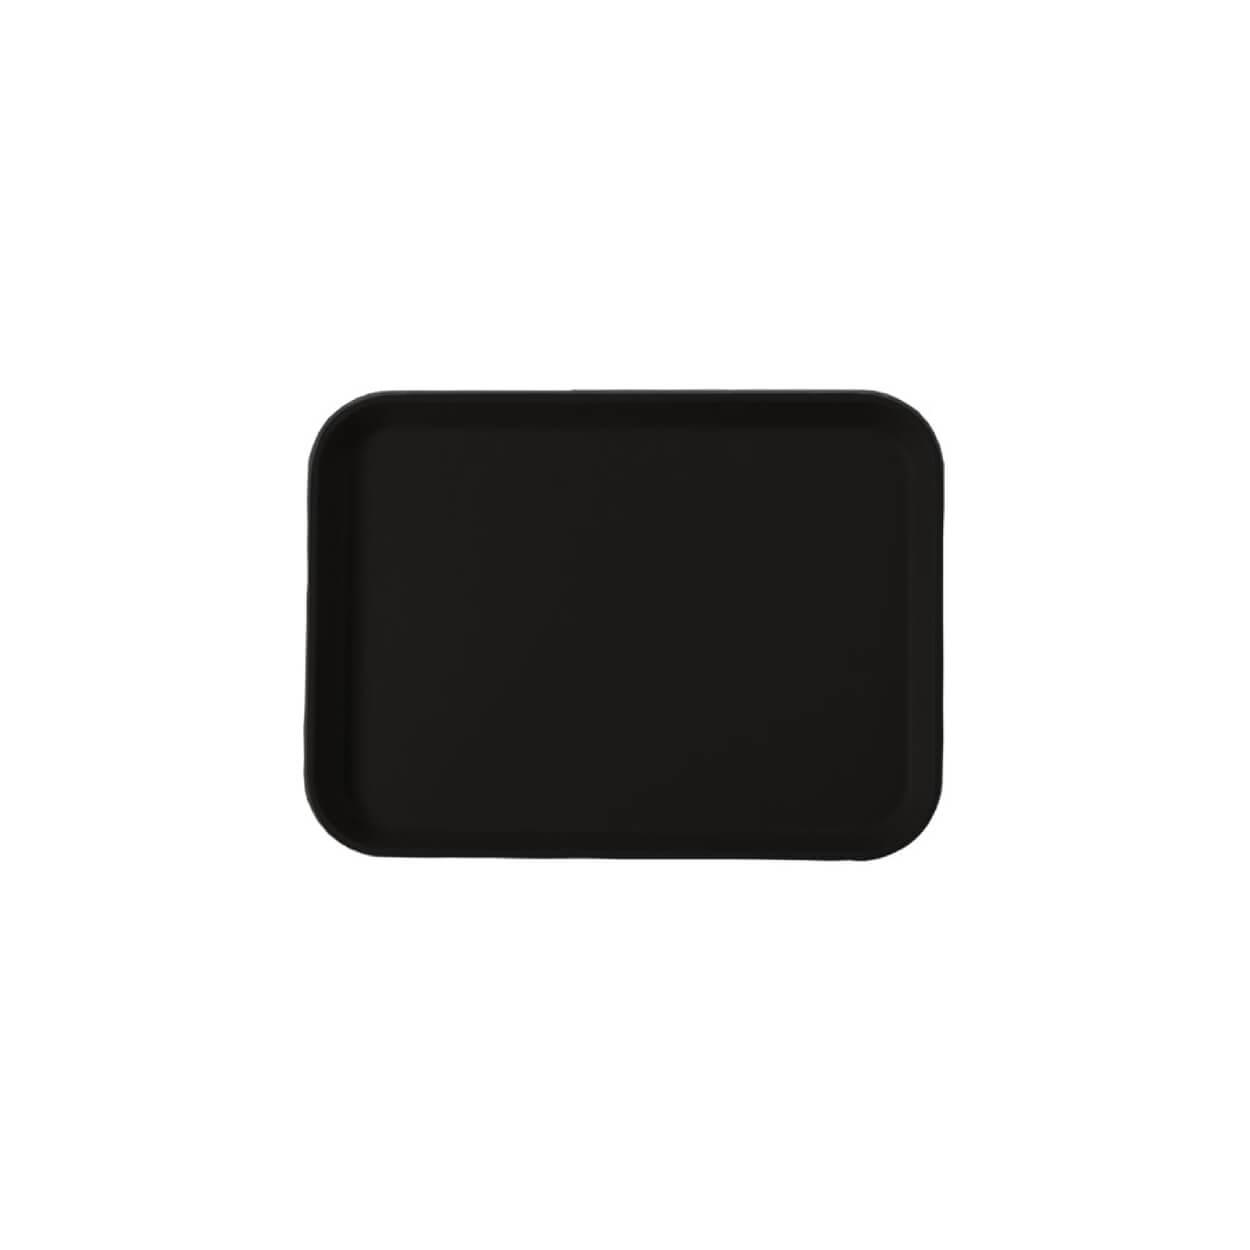 ΑΝΤΙΟΛΙΣΘΗΤΙΚΟΣ ΔΙΣΚΟΣ FIBERGLASS ΟΡΘΟΓΩΝΙΟΣ 41,5×30,5εκ